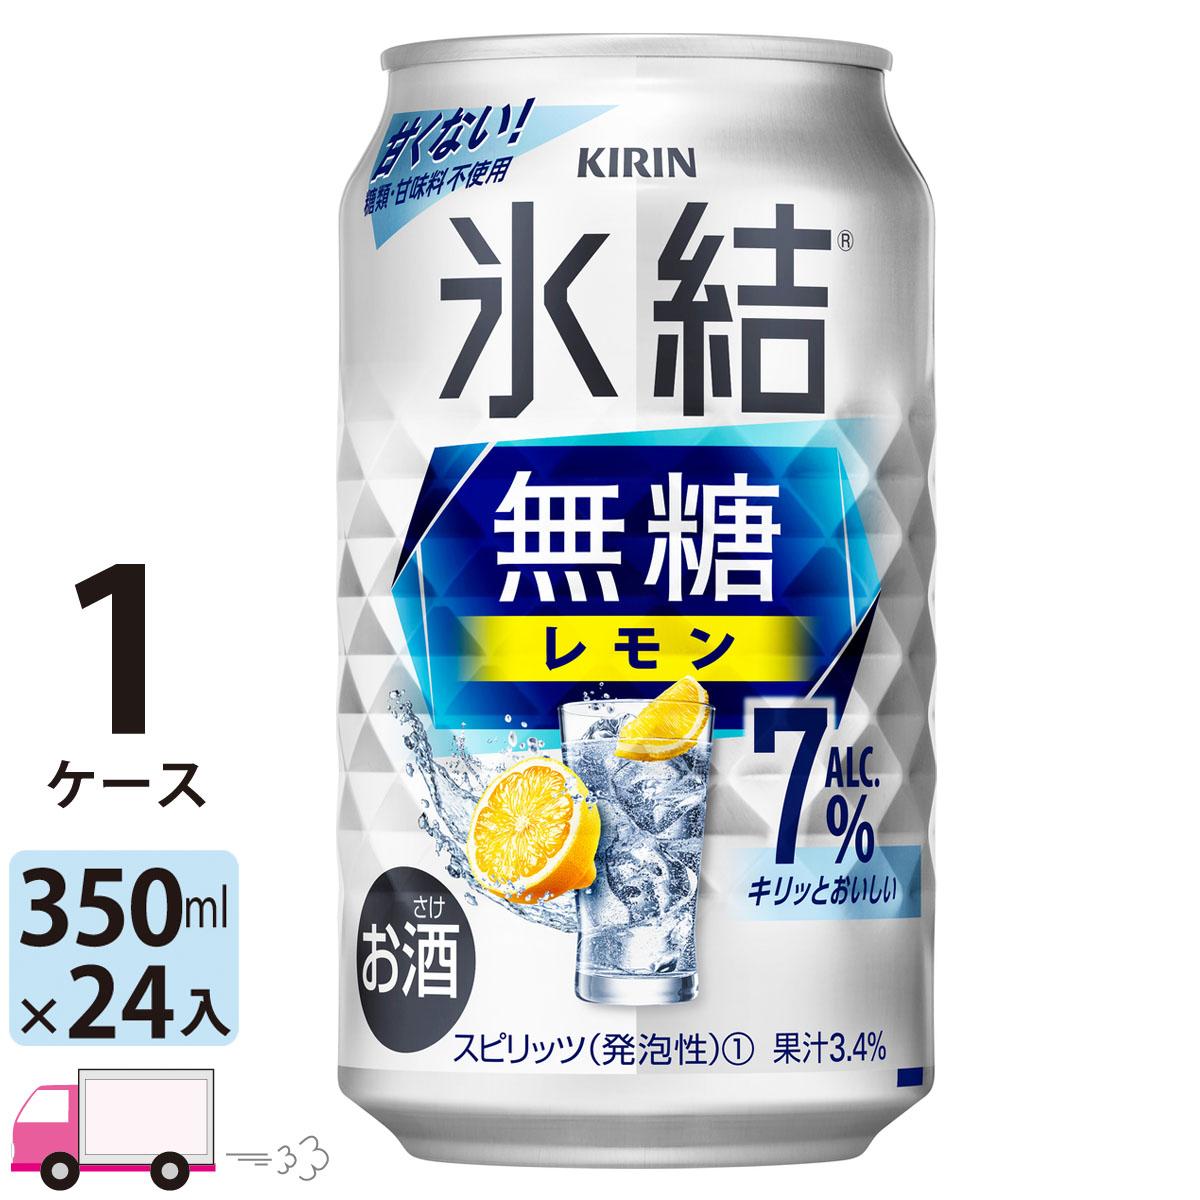 甘くない SALE開催中 スッキリ爽やかな度数7%の無糖レモンチューハイ キリン 氷結無糖 7% レモン 350ml缶×1ケース 24本入り ご予約品